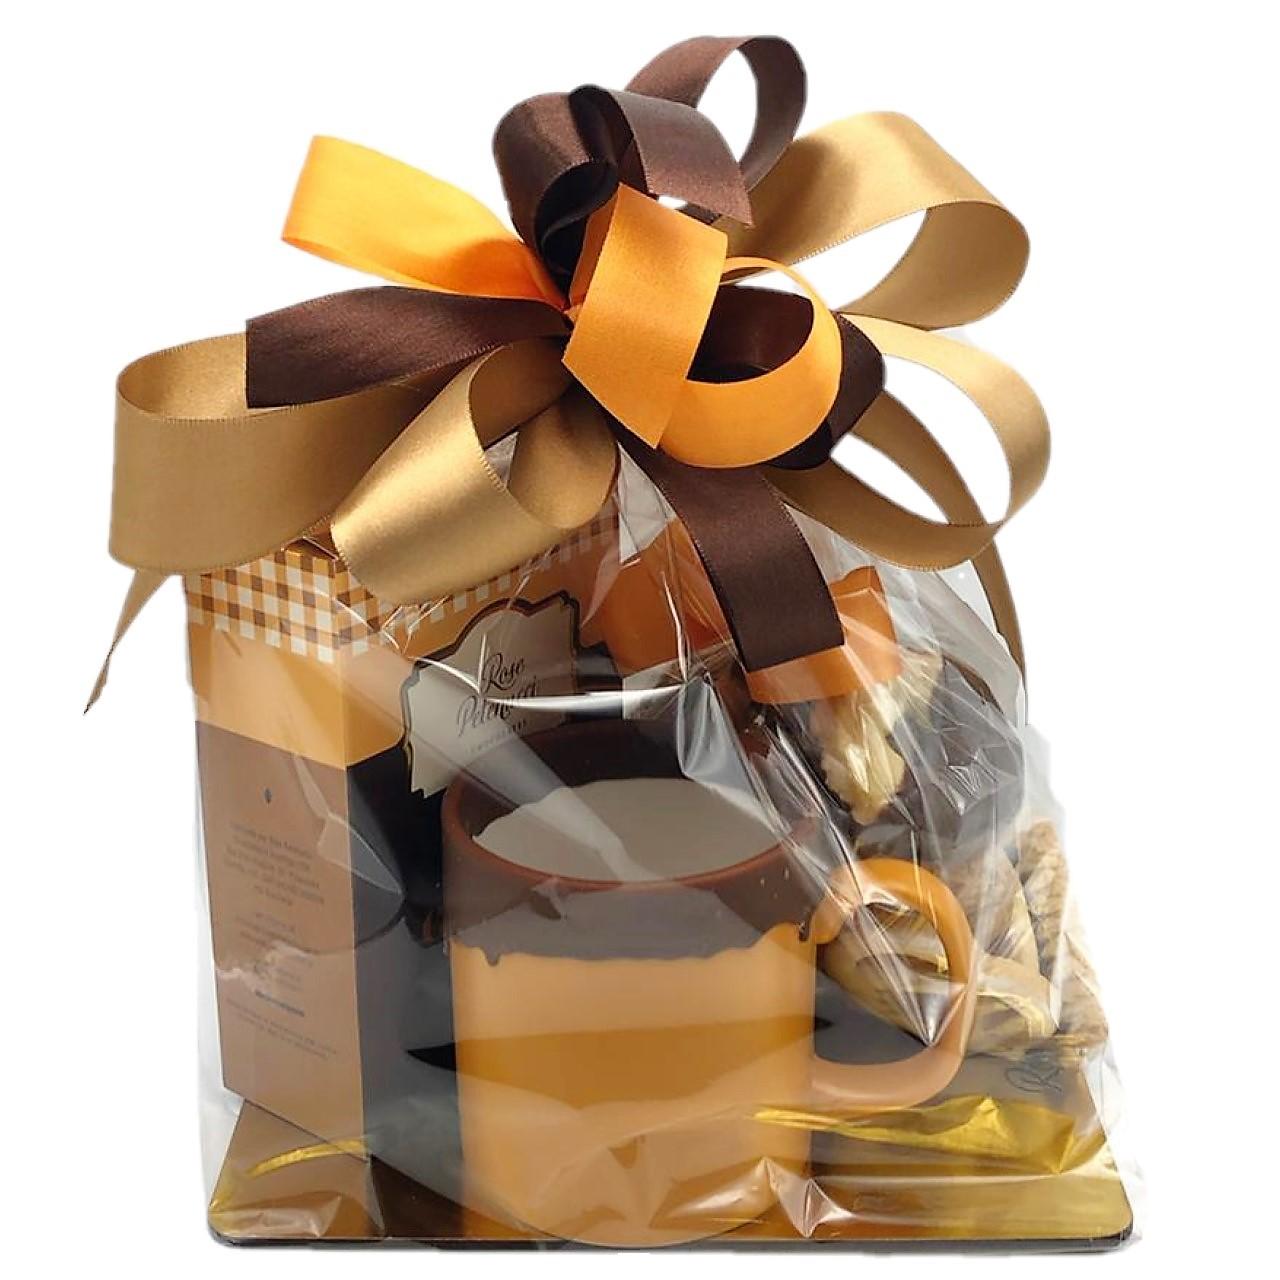 Kit Chocolate Quente com Xícara